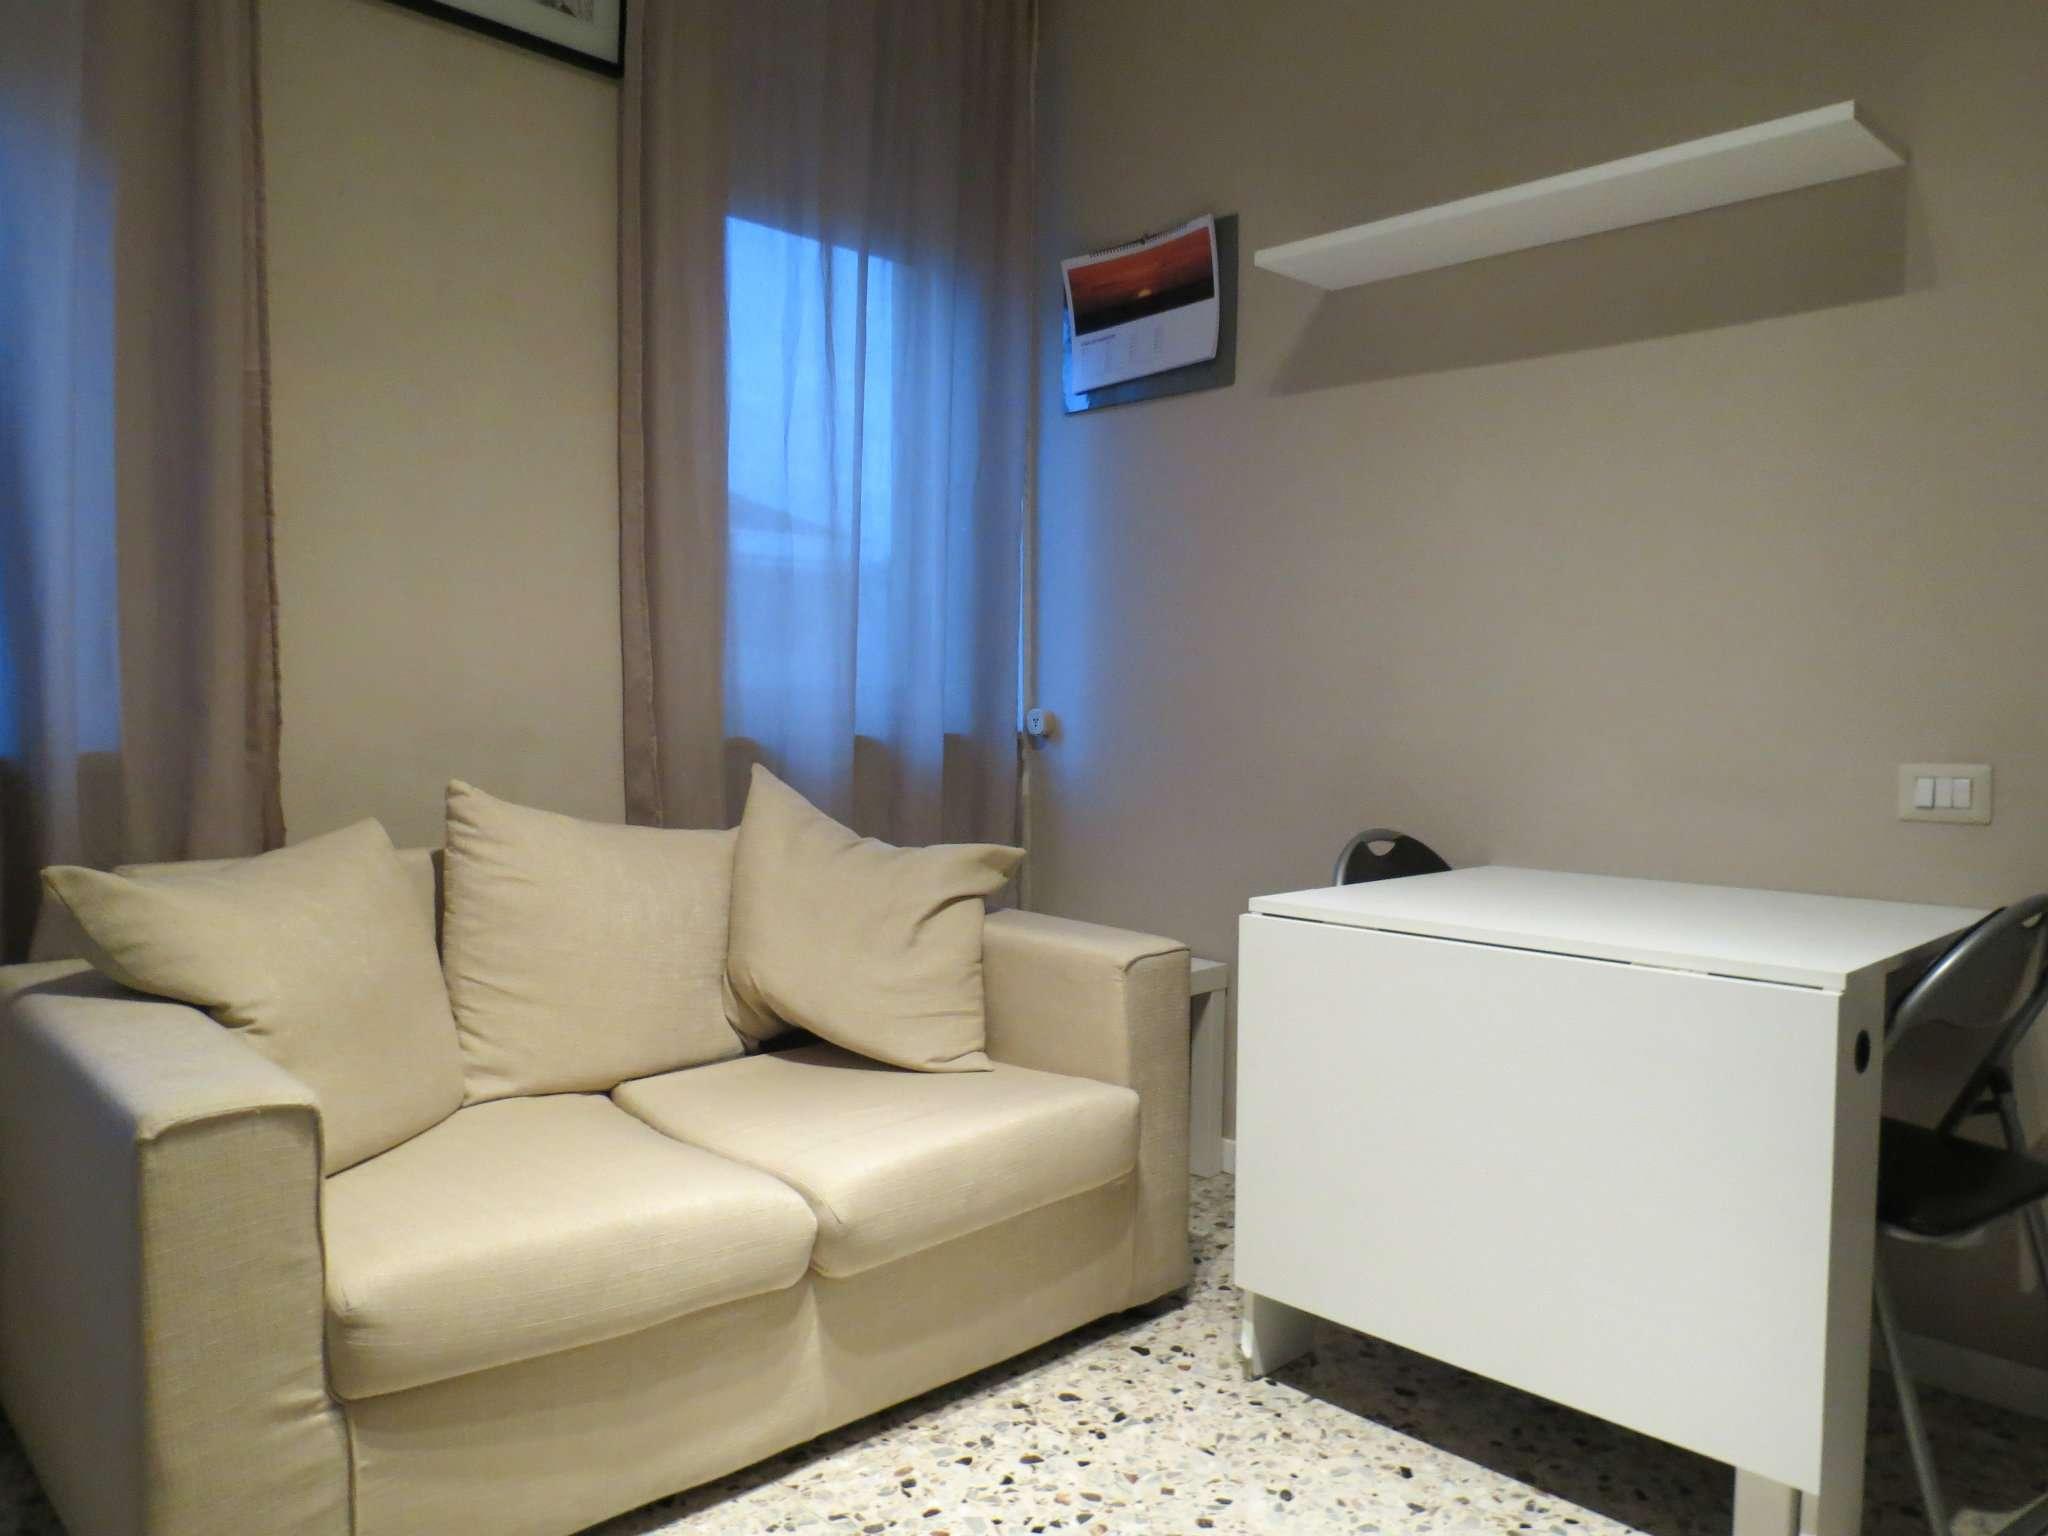 Appartamento in affitto a Milano, 2 locali, zona Zona: 3 . Bicocca, Greco, Monza, Palmanova, Padova, prezzo € 550 | Cambio Casa.it